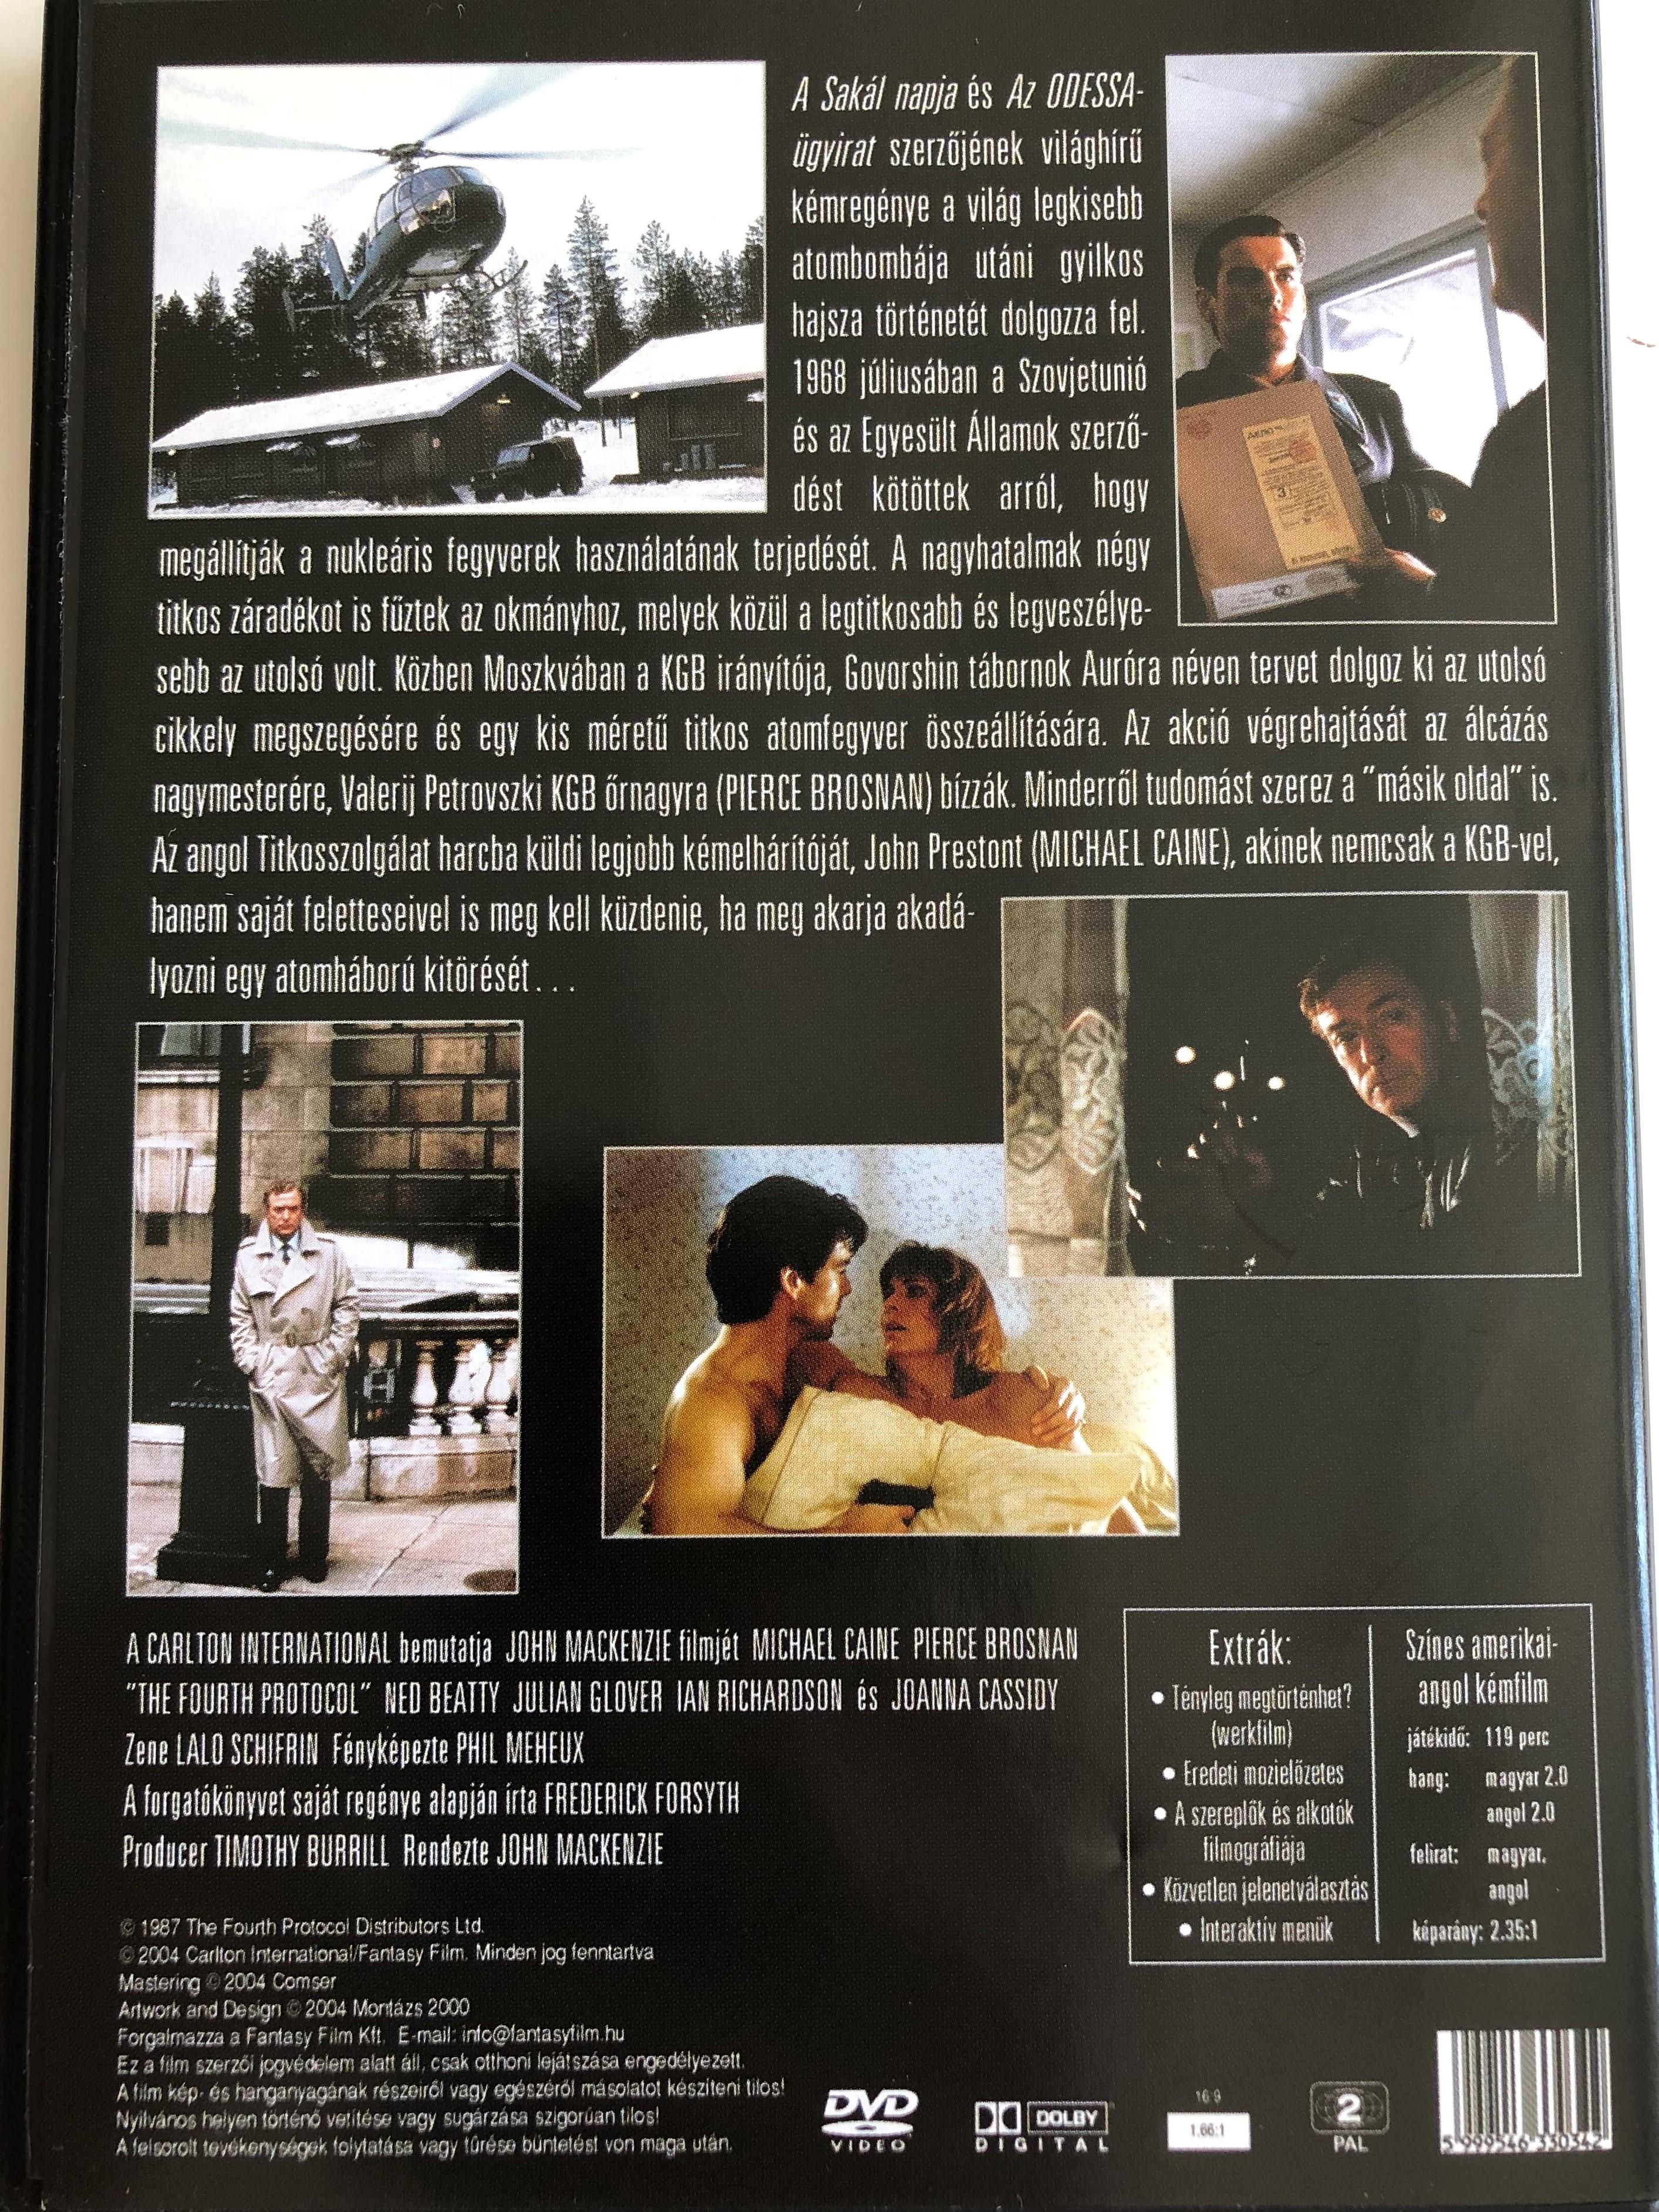 the-fourth-protocol-dvd-1987-a-negyedik-z-rad-k-directed-by-john-mackenzie-starring-pierce-brosnan-michael-caine-based-on-frederick-forsyth-s-bestseller-2-.jpg